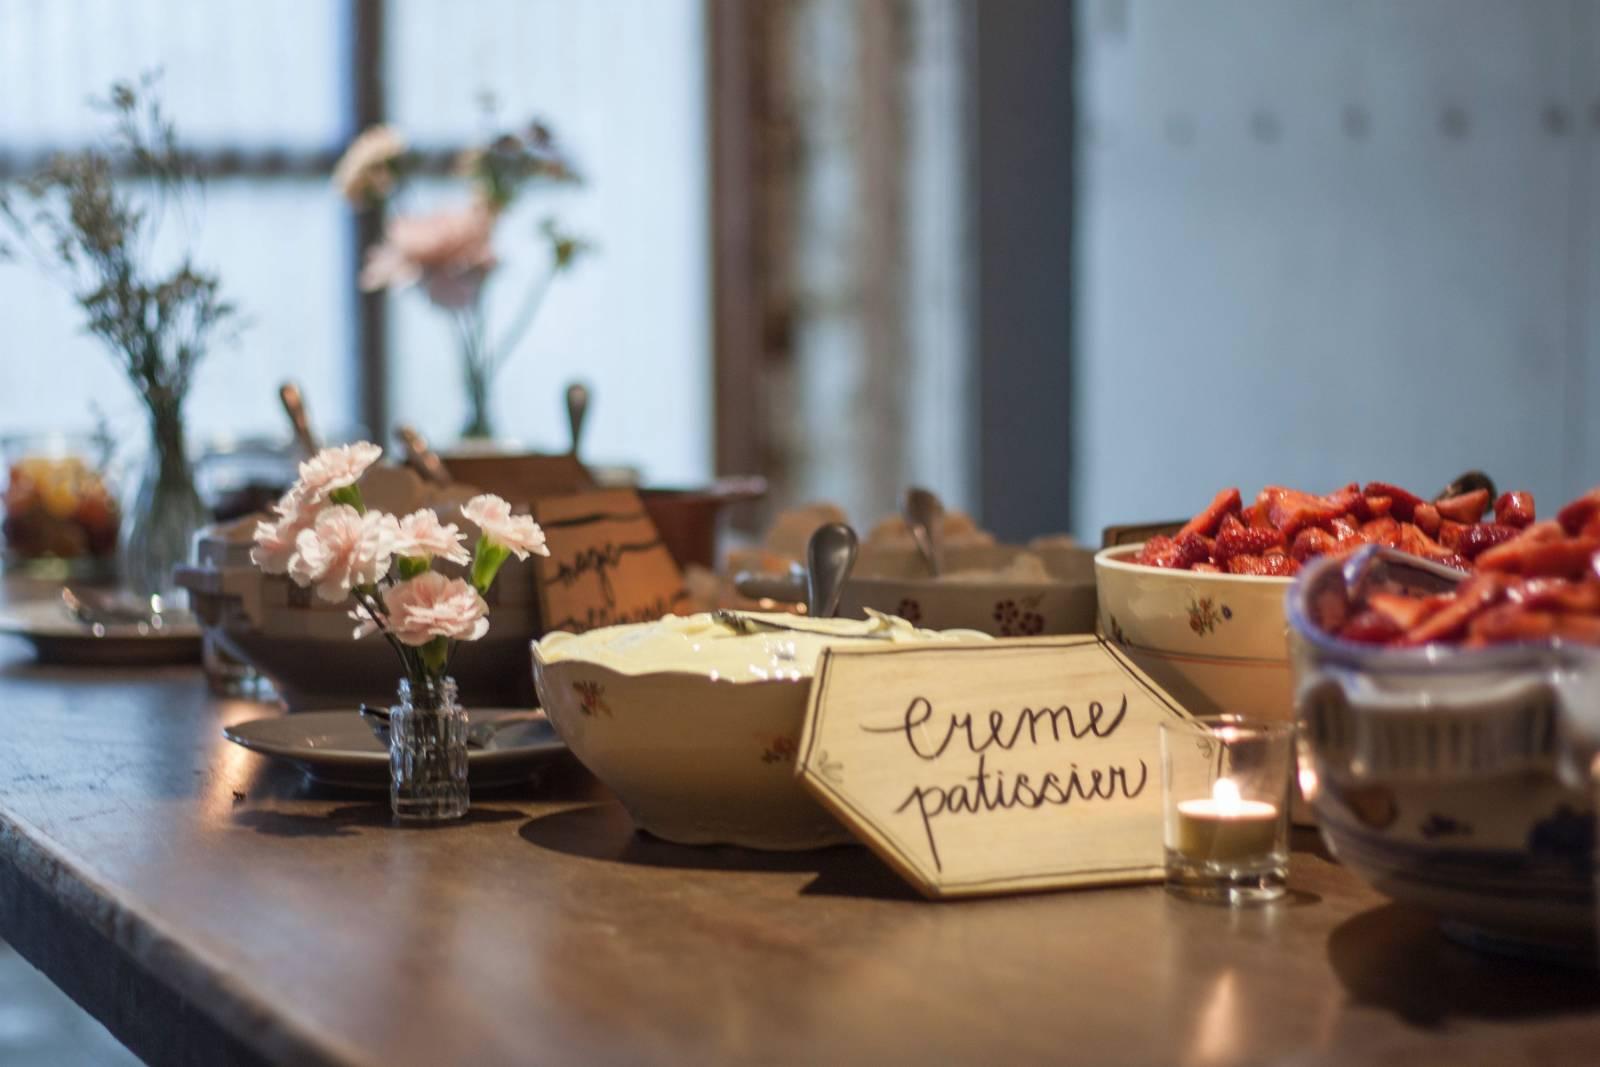 Bring it On - Catering - Fotograaf Elsbeth Neyens - House of Weddings - 3